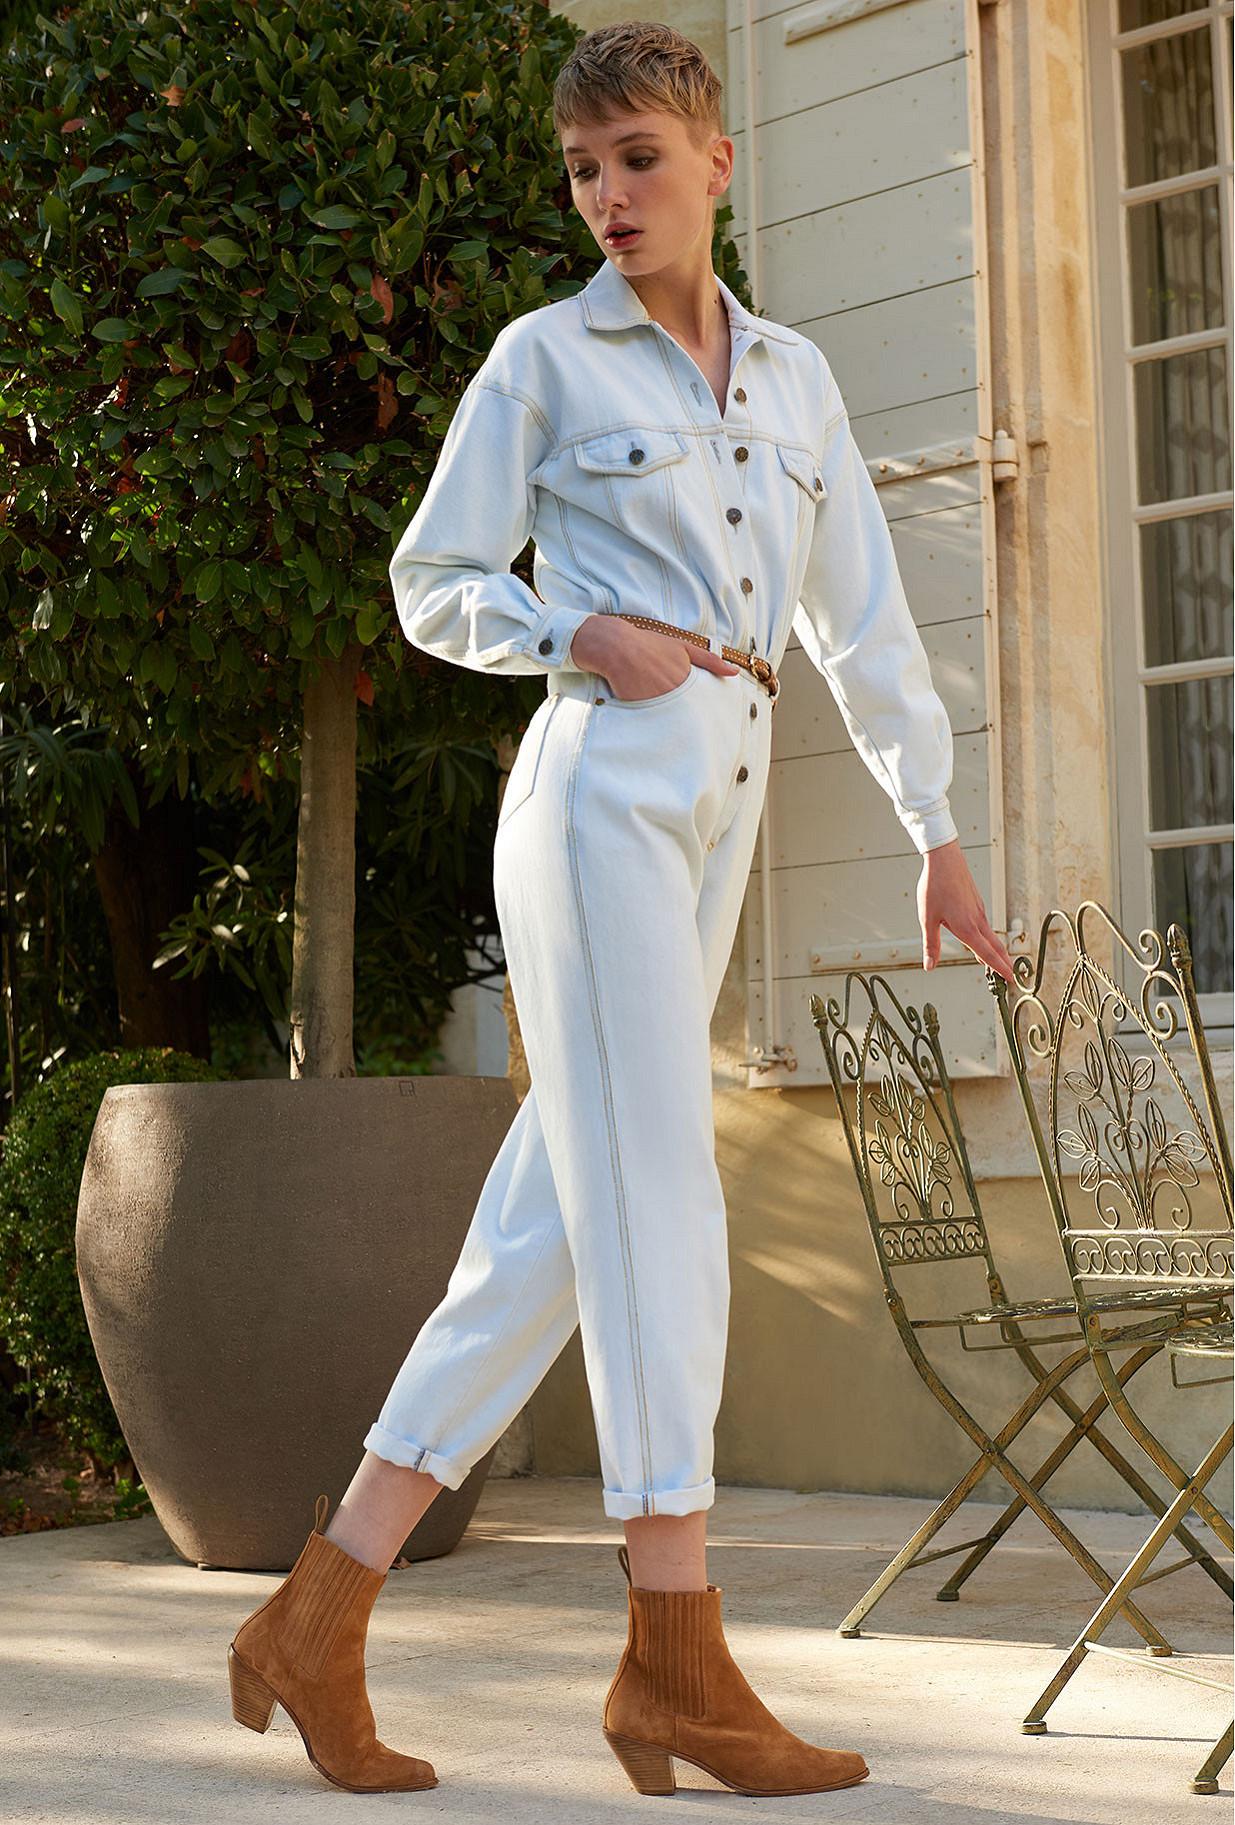 Combinaison Bleu clair  Cevennes mes demoiselles paris vêtement femme paris